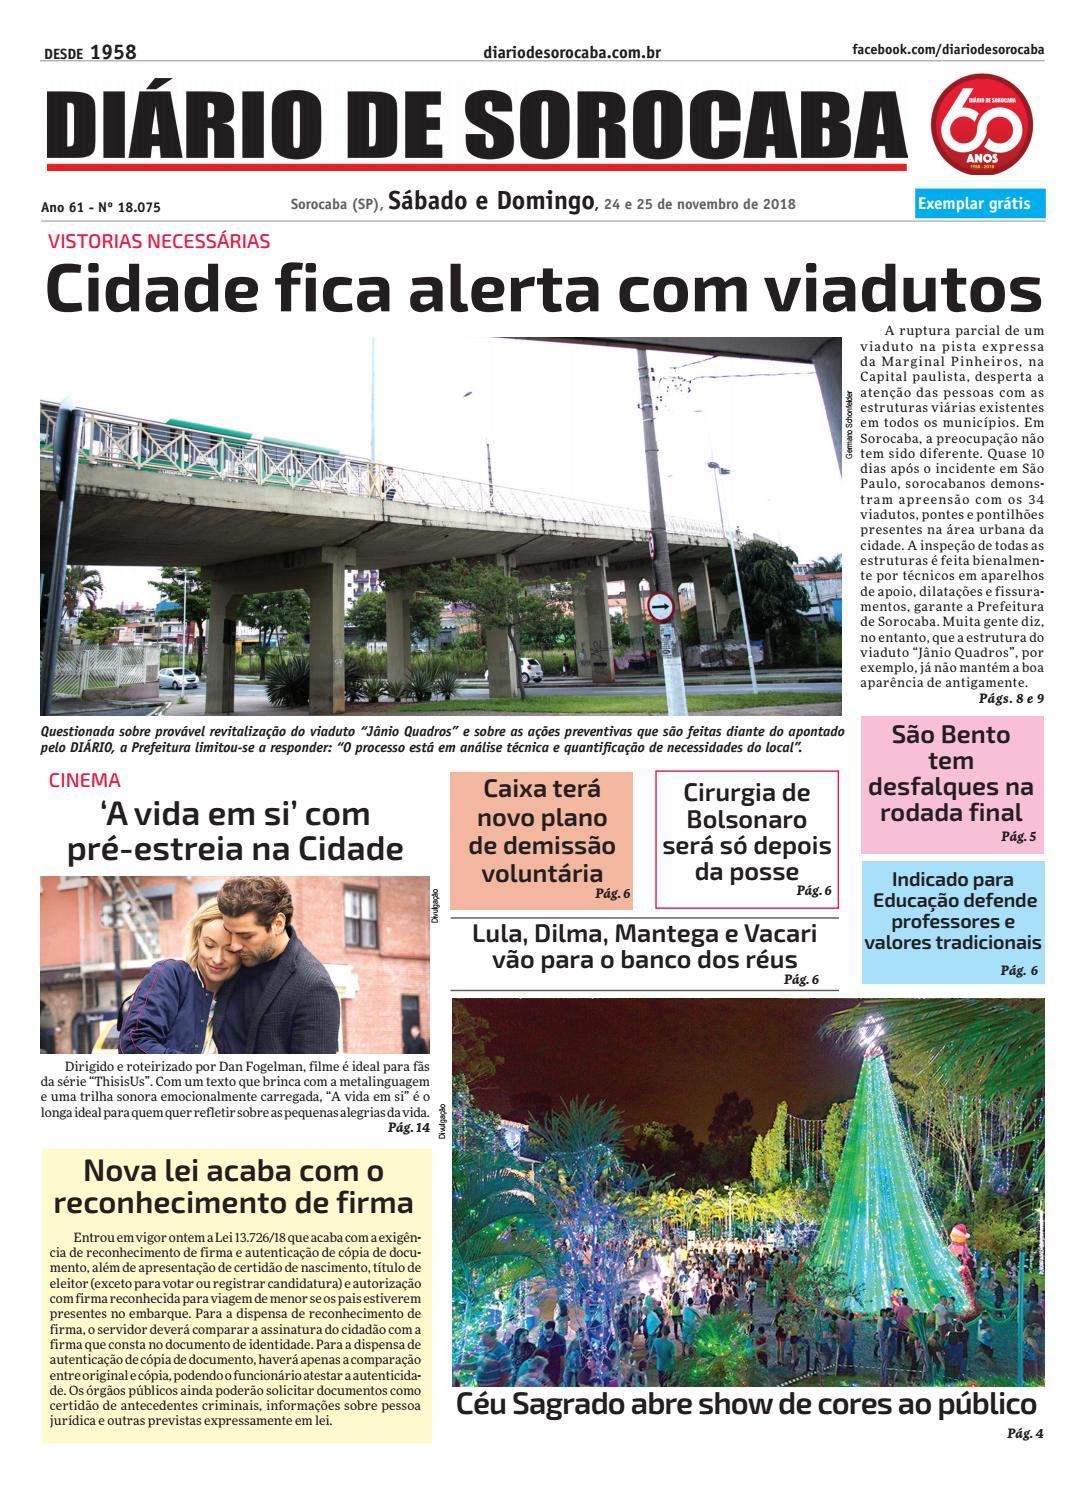 Sábado, 24 de novembro by DIÁRIO DE SOROCABA - issuu fe364137dc